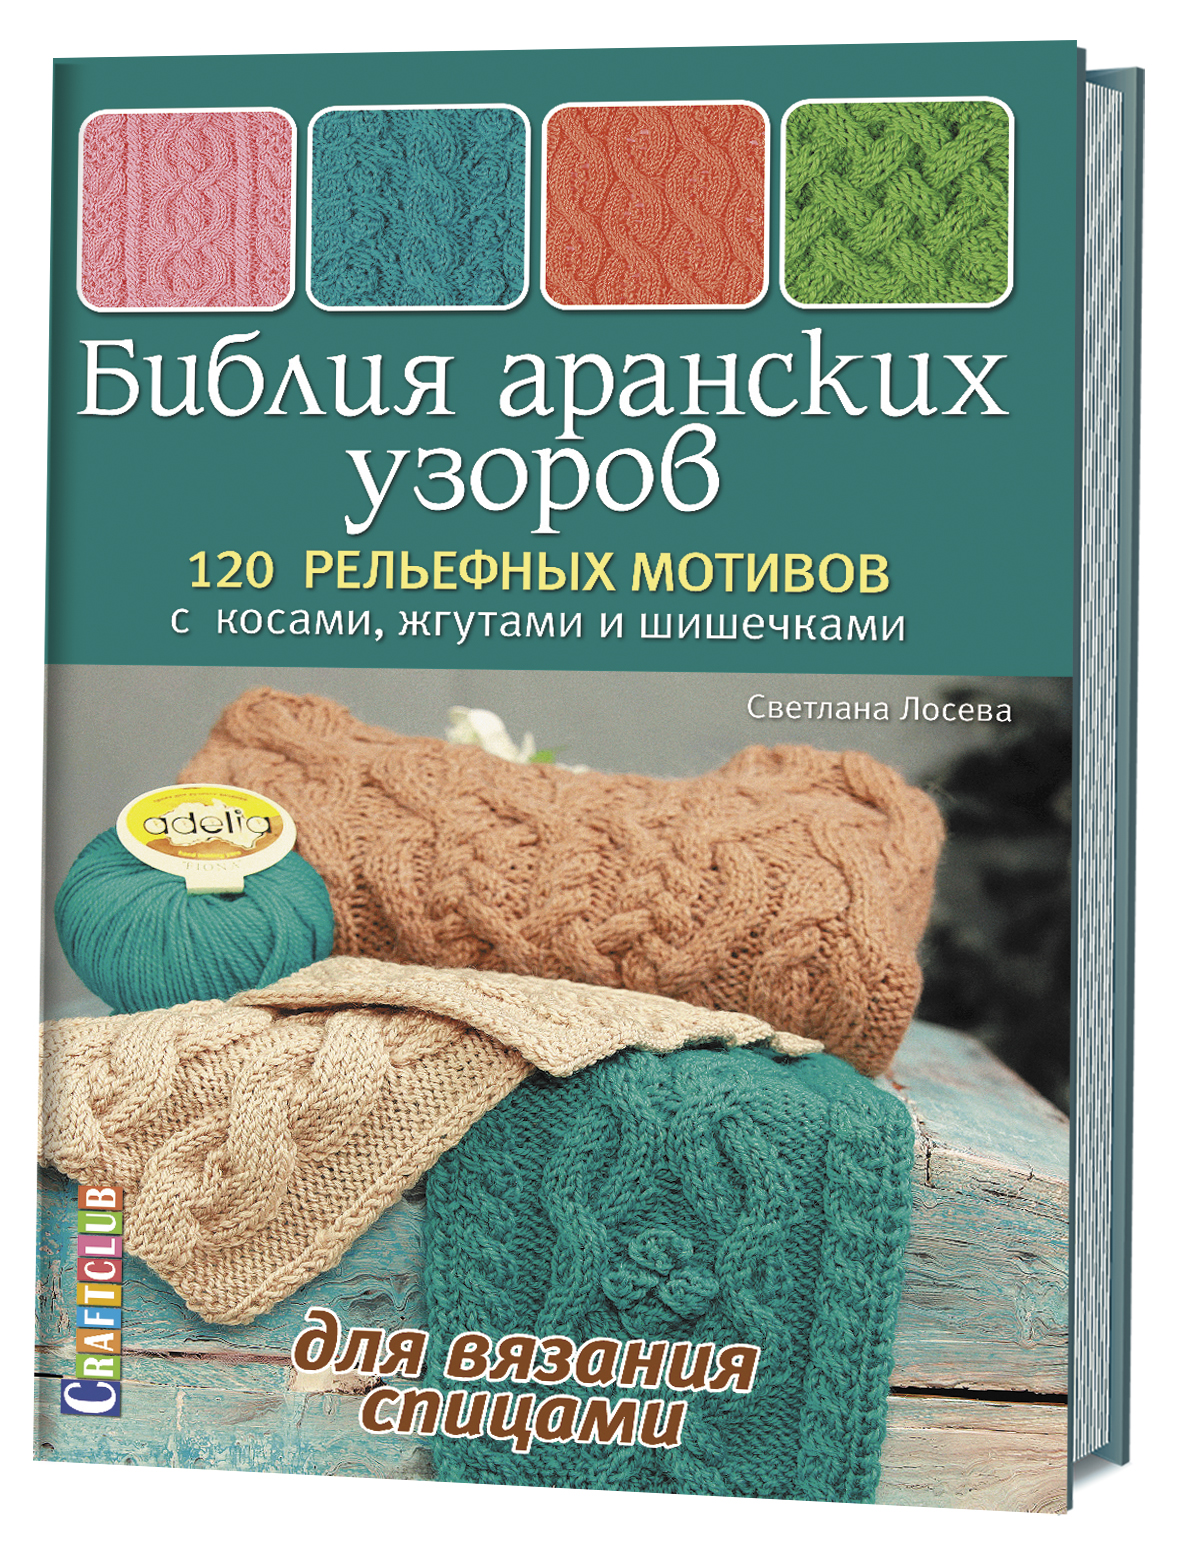 Библия аранских узоров. 120 рельефных мотивов с косами, жгутами и шишечками для вязания спицами.